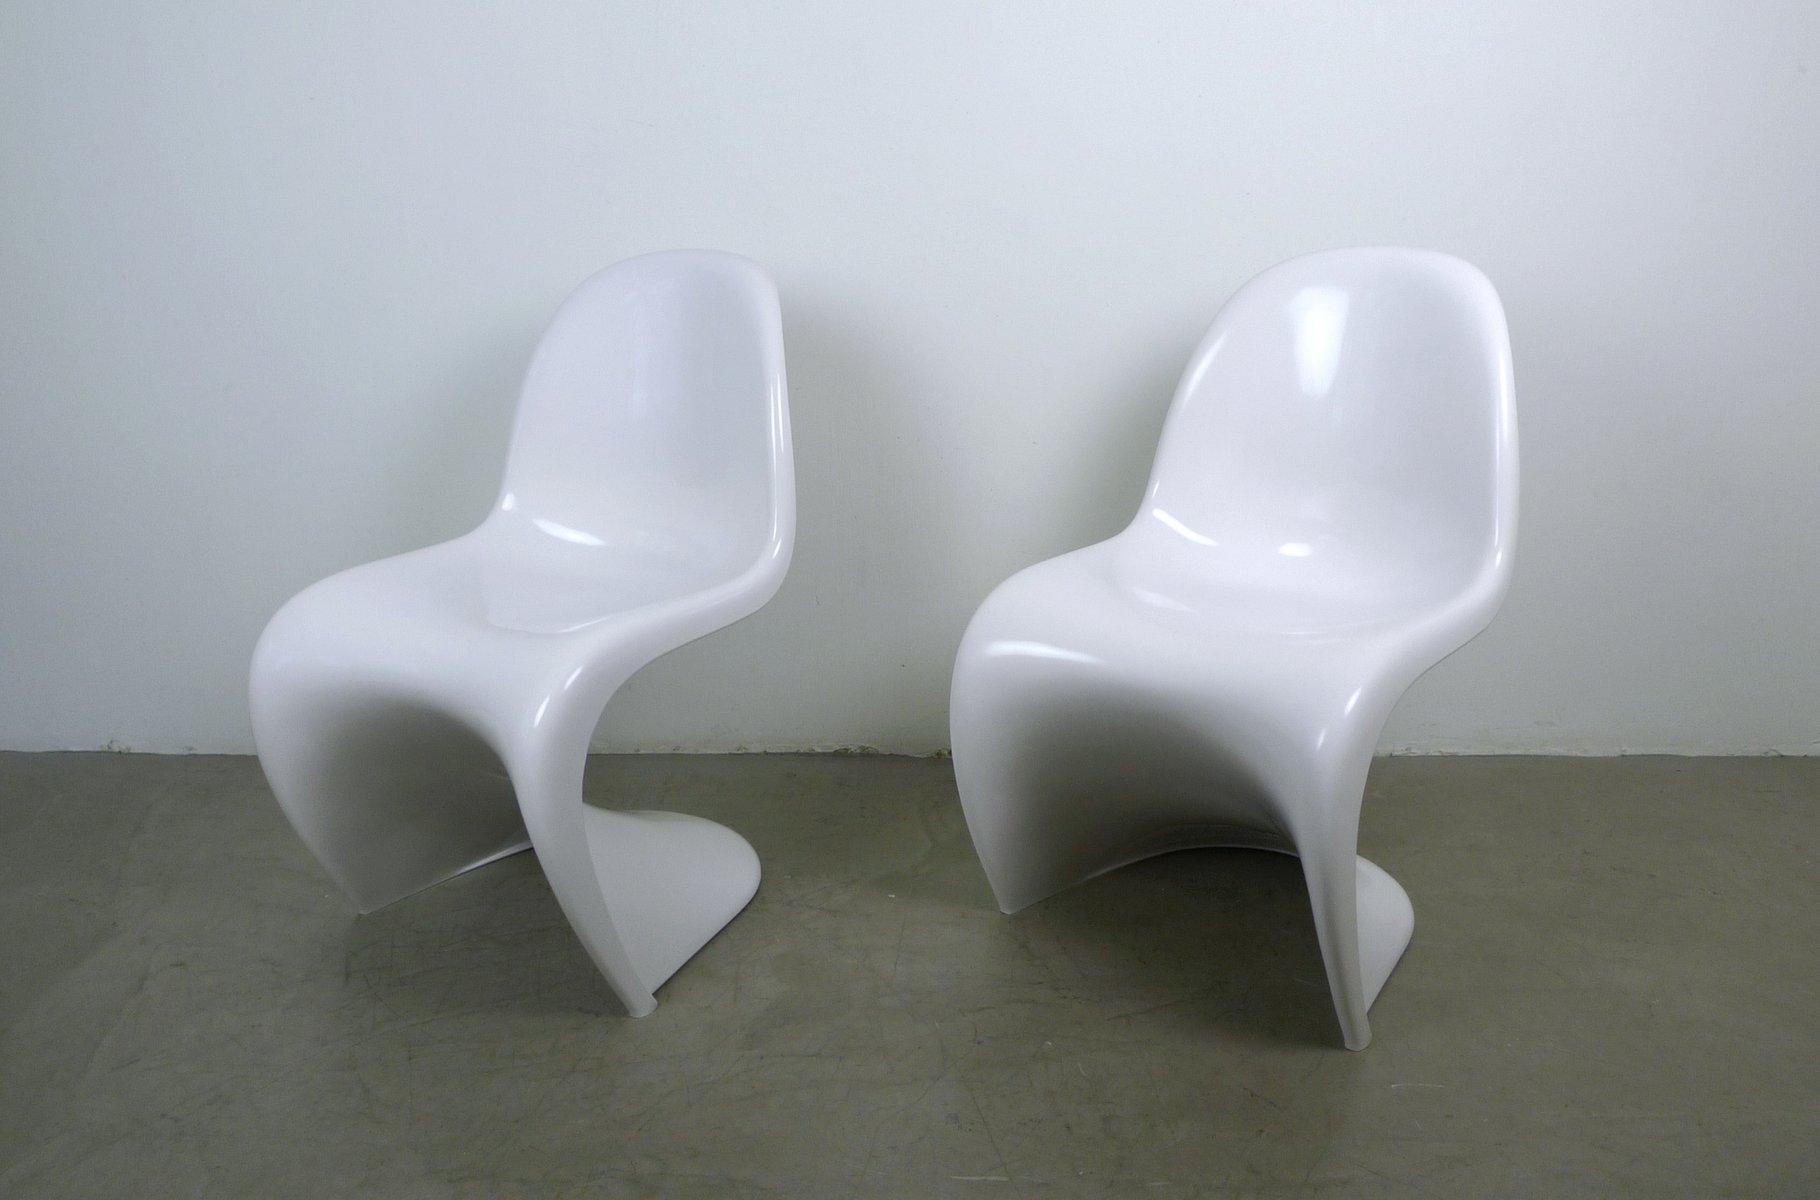 Sedia Panton Trasparente : Sedie panton offerta ~ bukadar.info = galleria di sedie foto e le